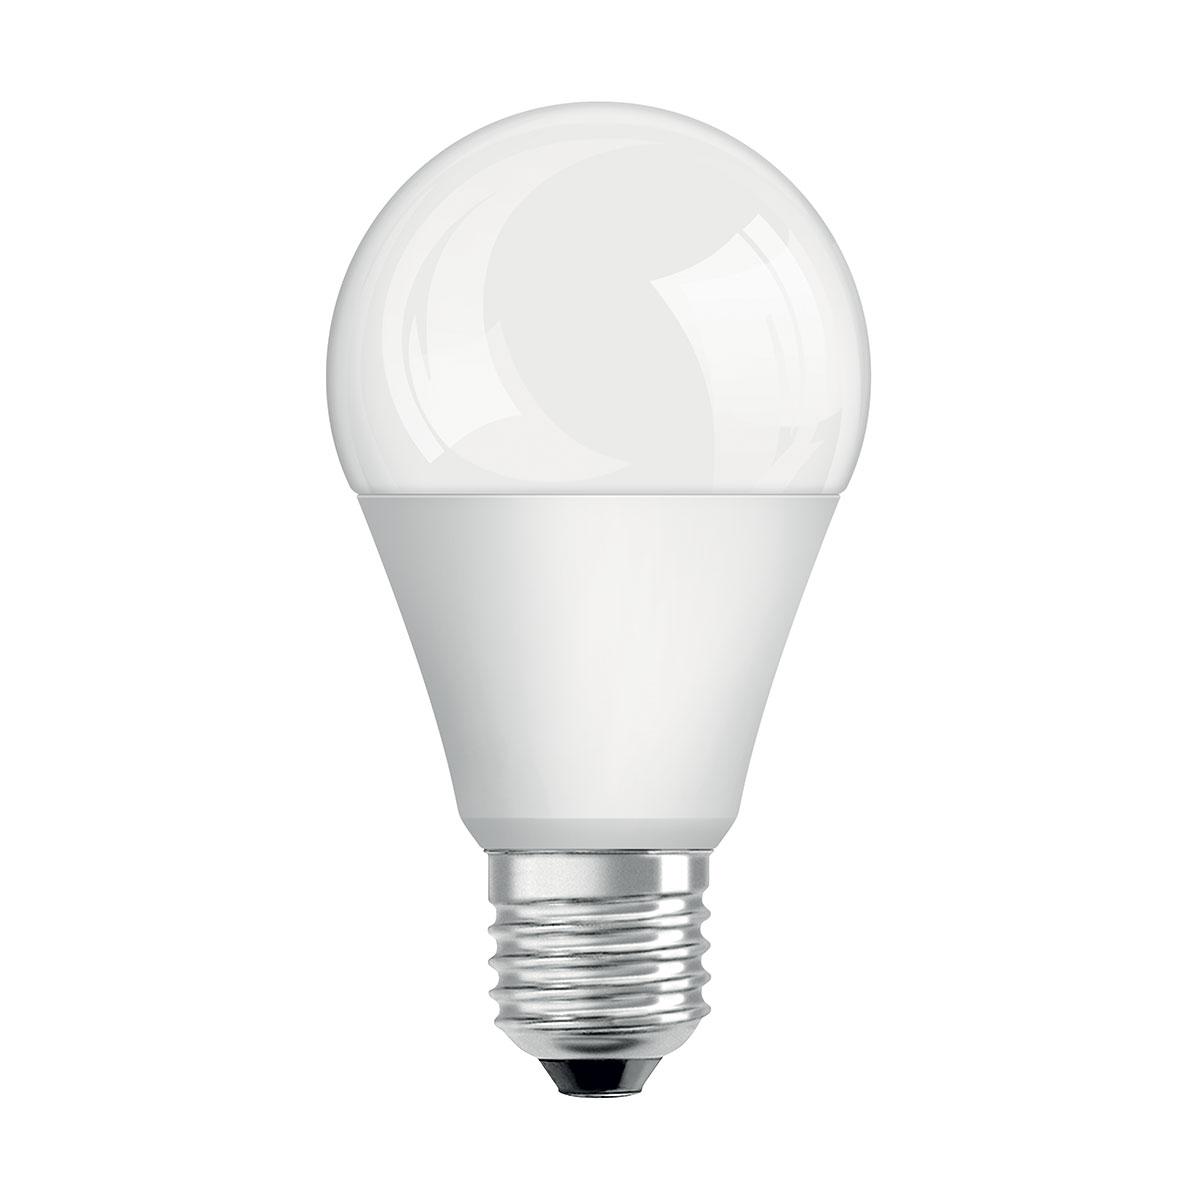 Electricité Besançon : comment faire baisser ses factures d'électricité ?